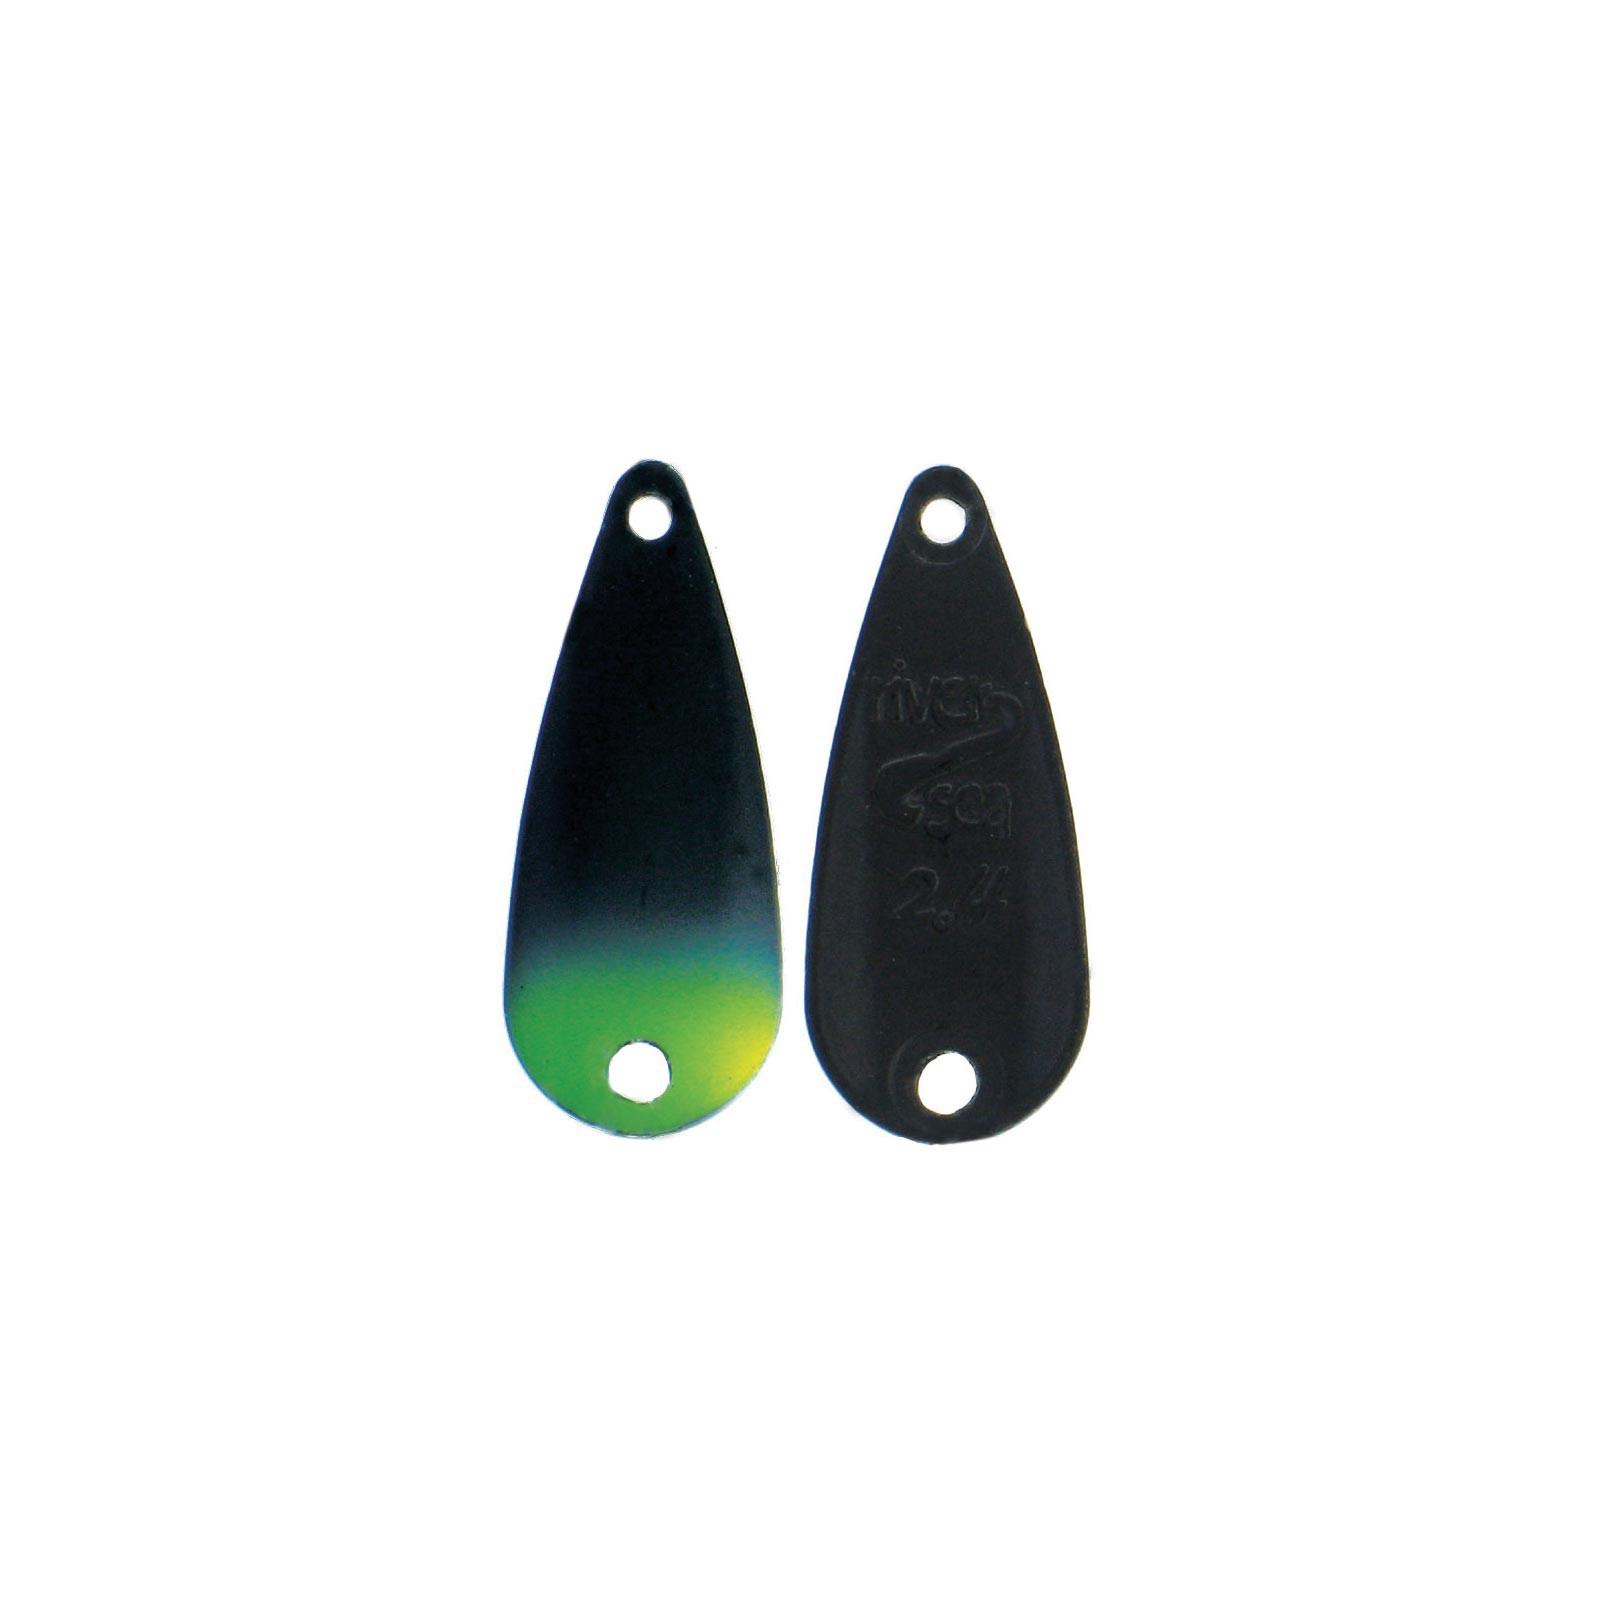 TT-Spoon 0,8g